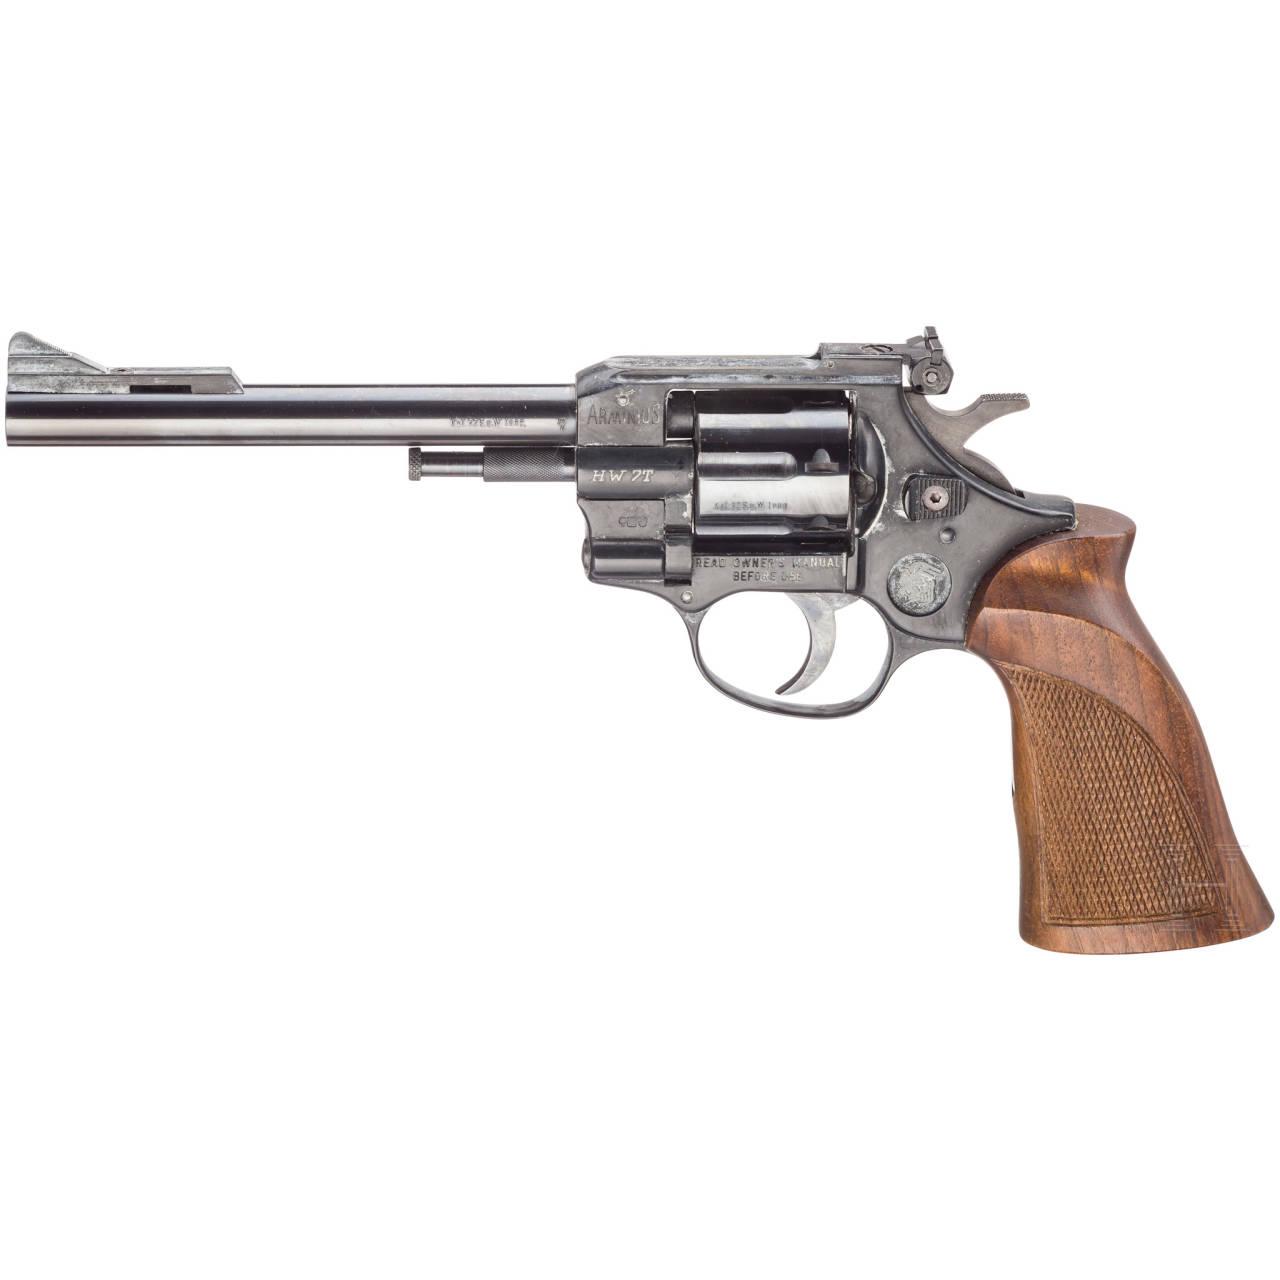 Arminius Mod. HW 7T (T = Target)